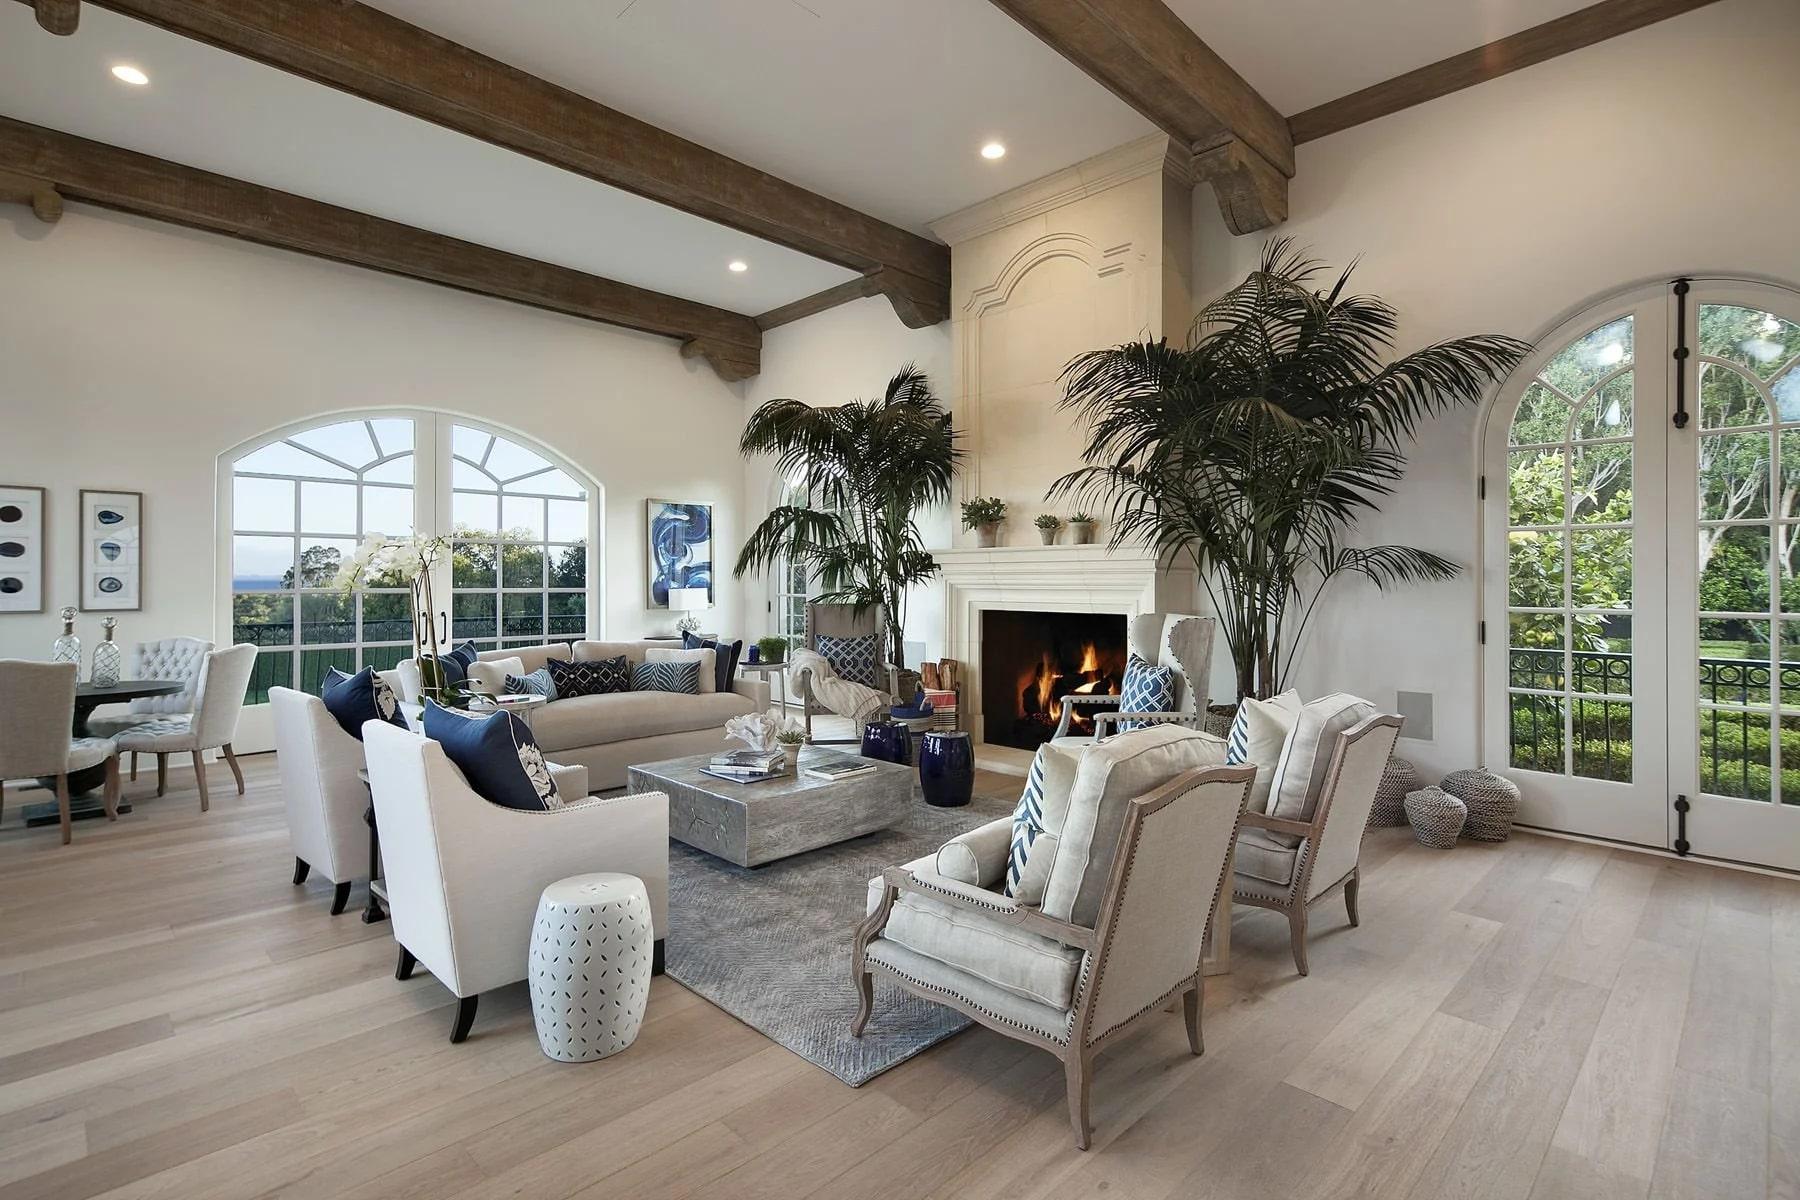 thiết kế nội thất địa trung hải cho phòng khách